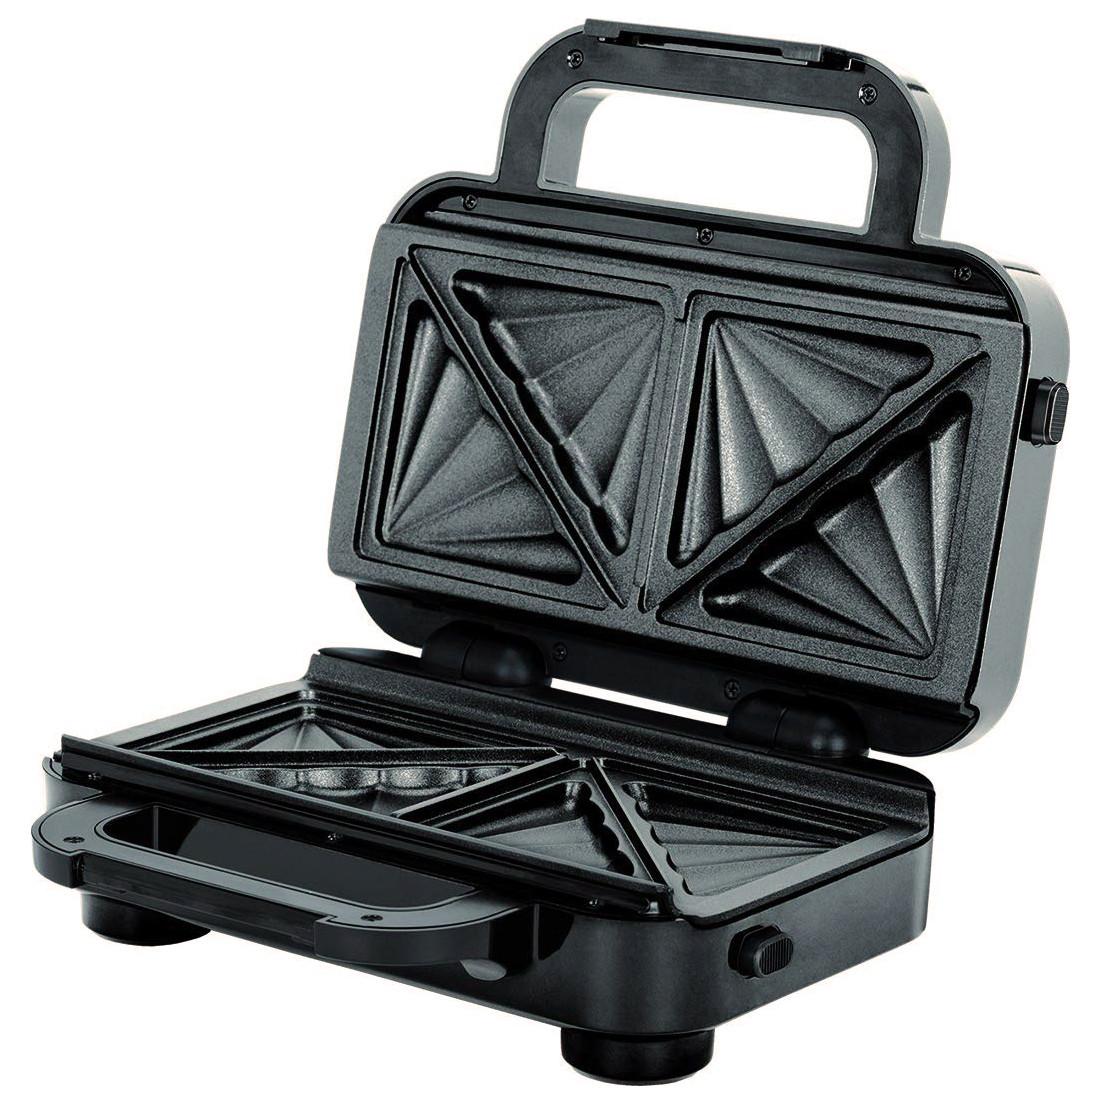 MPM MOP-18M Sandwichera eléctrica para 2 sandwiches, placas antiadherentes en forma de triángulo, acabado acero inoxidable, 850W